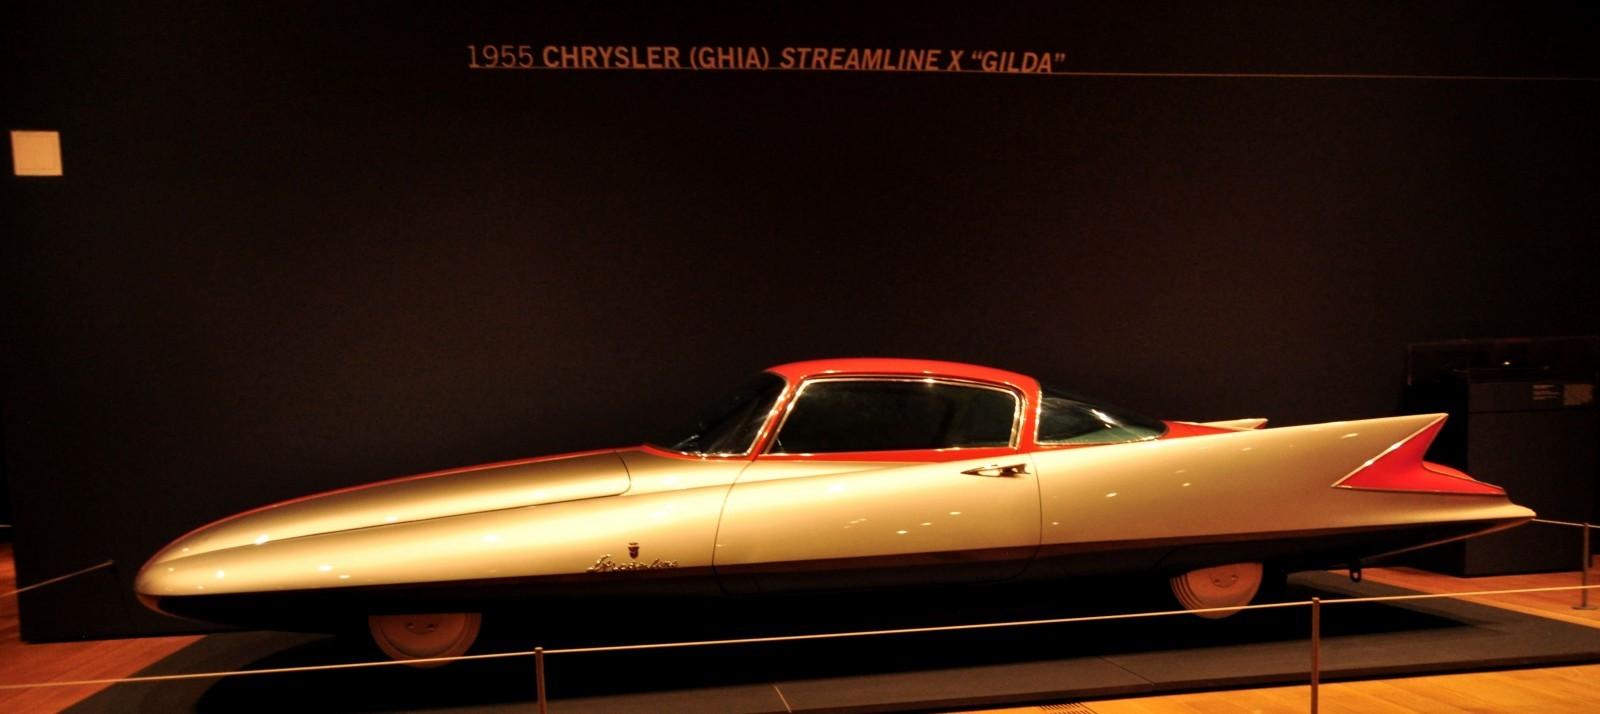 Atlanta Dream Cars - 1955 Chrysler Streamline X Ghilda by GHIA is Turbine Car Ideal 11